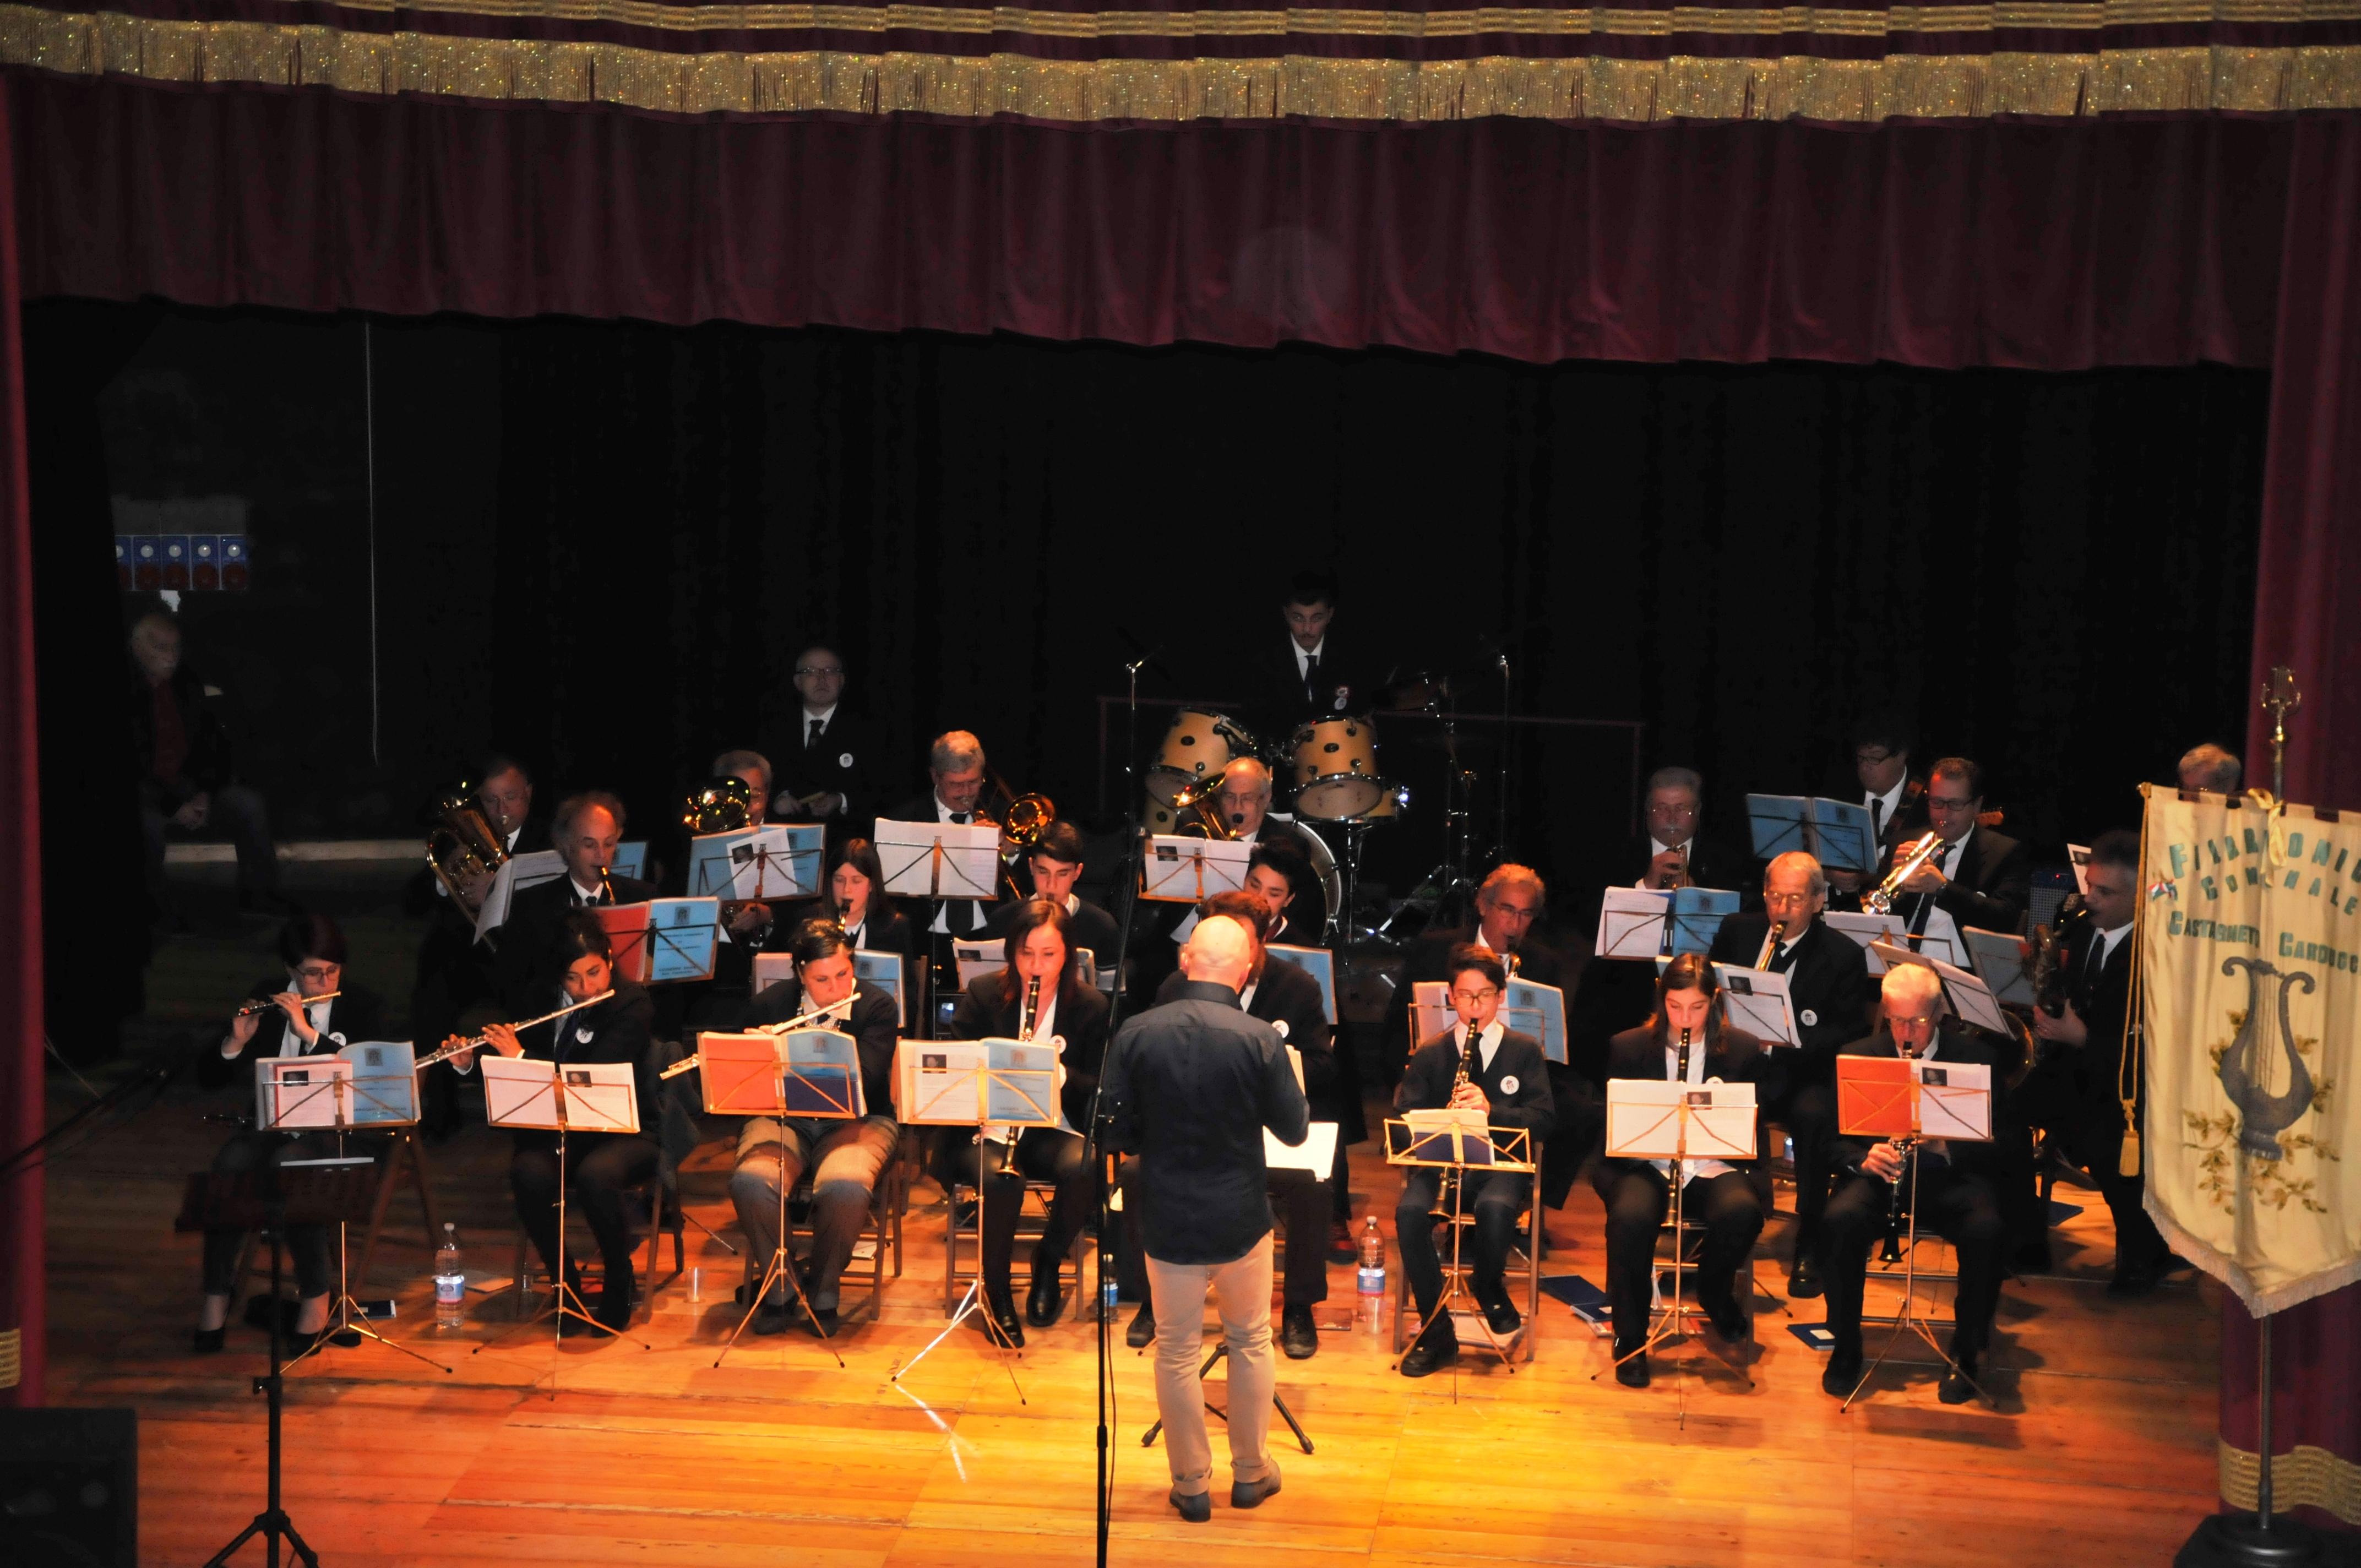 Concerto in occasione del 155°anniversario dell'Unità d'Italia